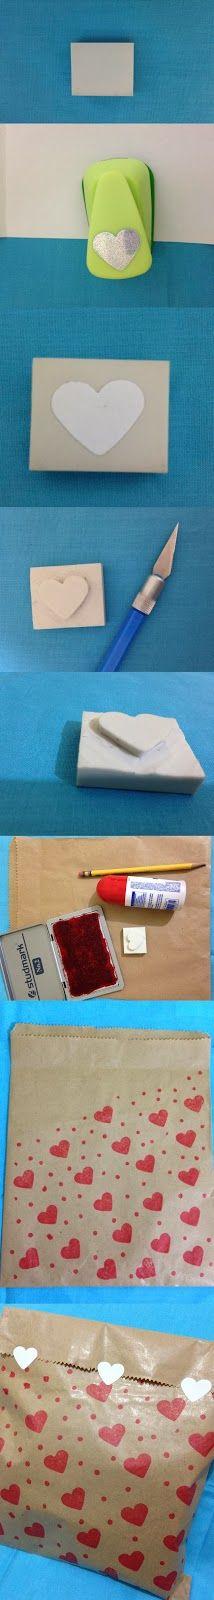 Crear sellos caseros con goma de borrar